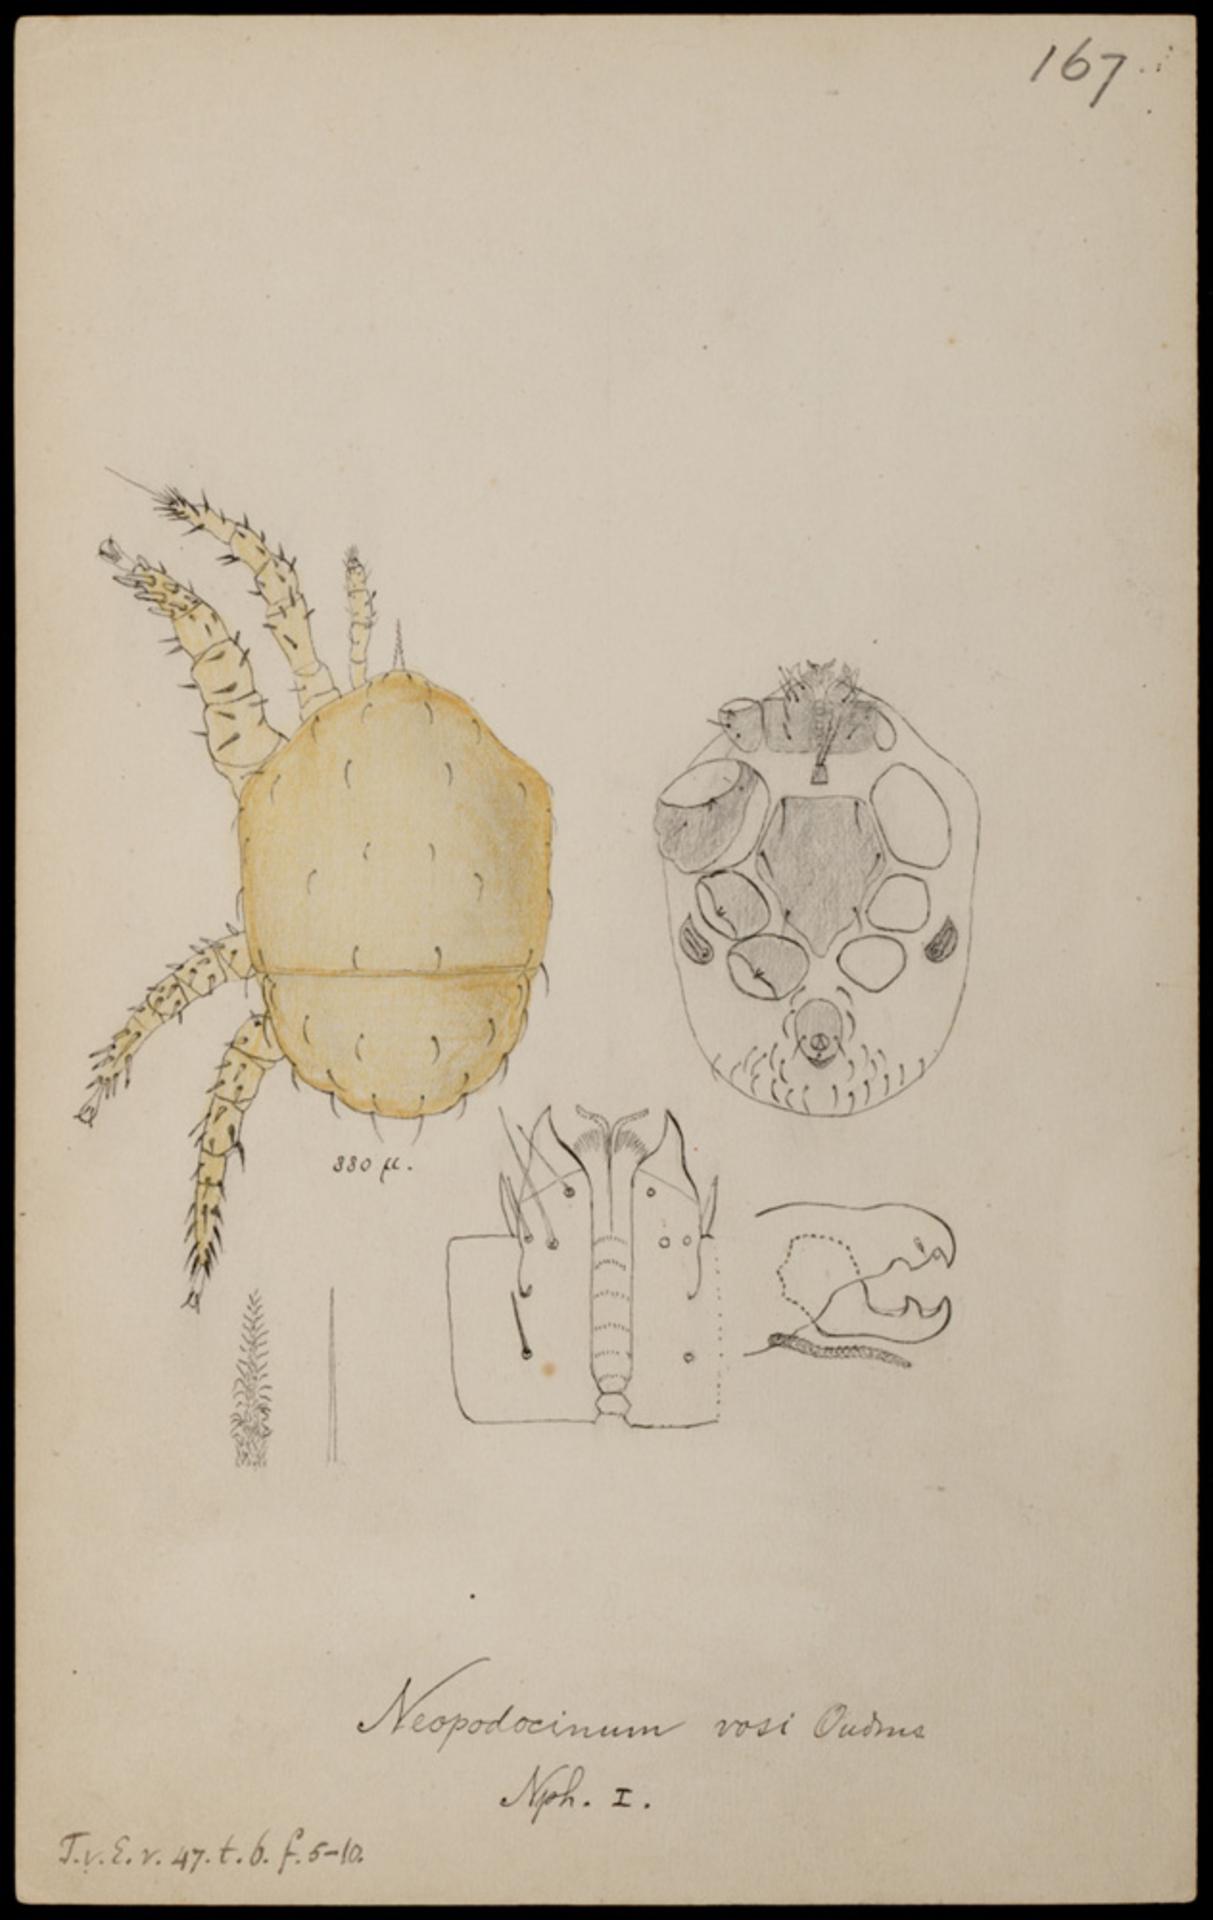 RMNH.ART.1027 | Neopodocinum vosi (Oudmans)